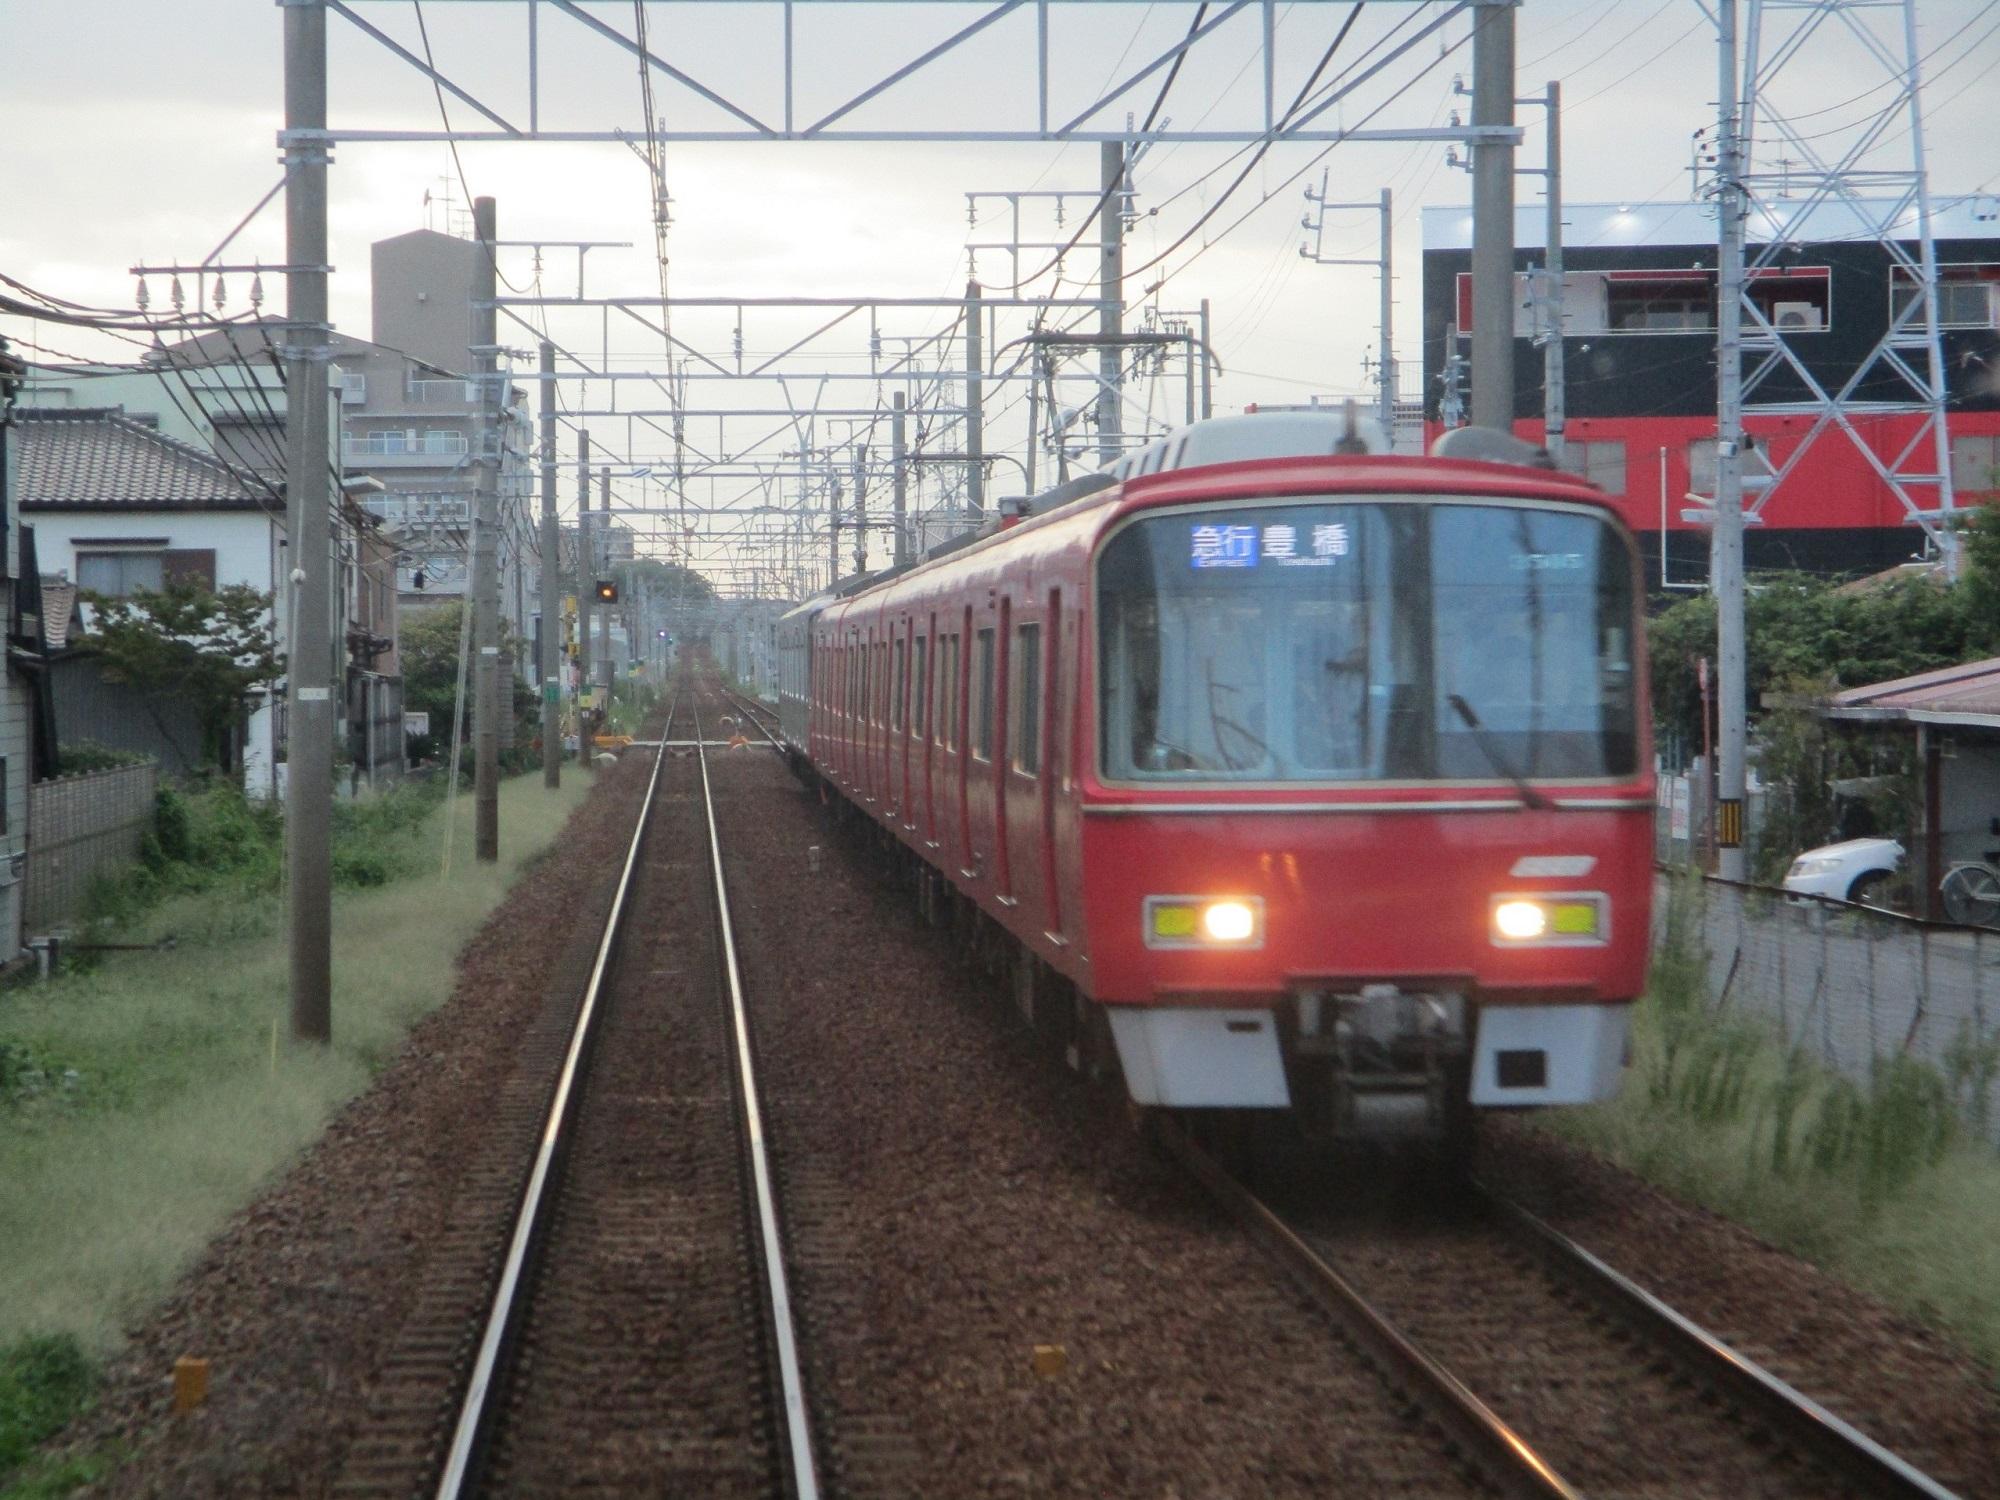 2019.9.14 (22) 岐阜いき急行 - 矢作橋宇頭間 2000-1500